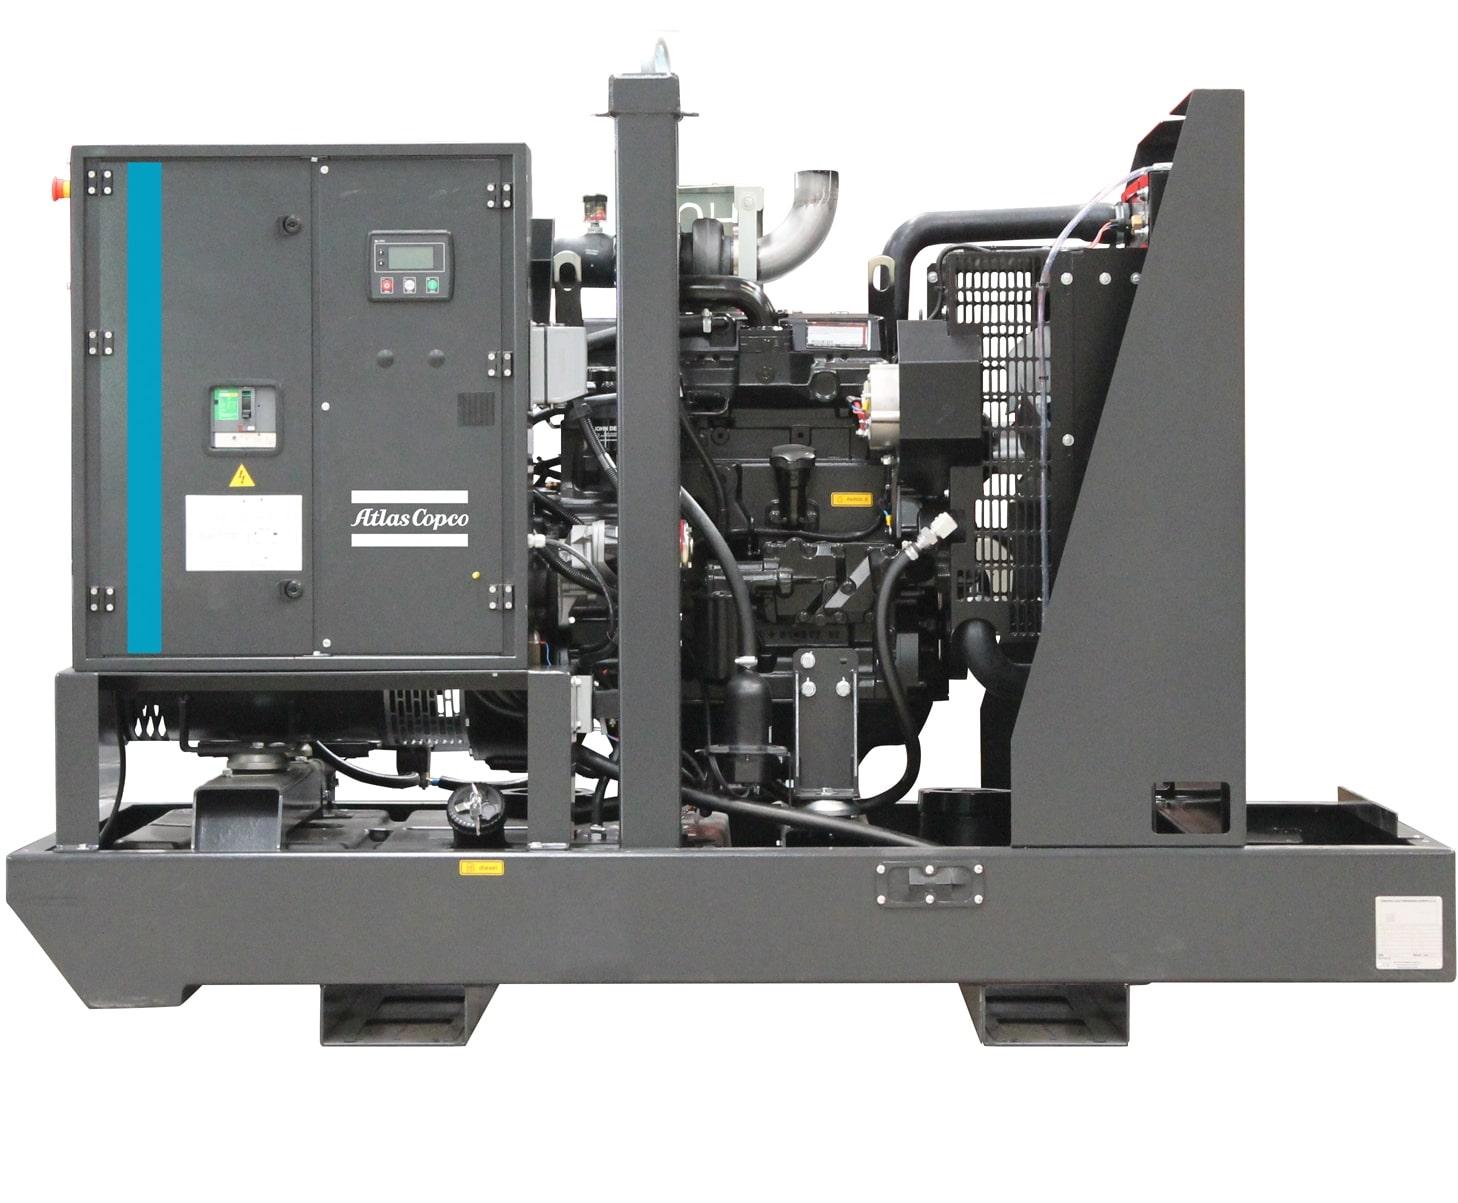 дизельная электростанция atlas copco qis 90